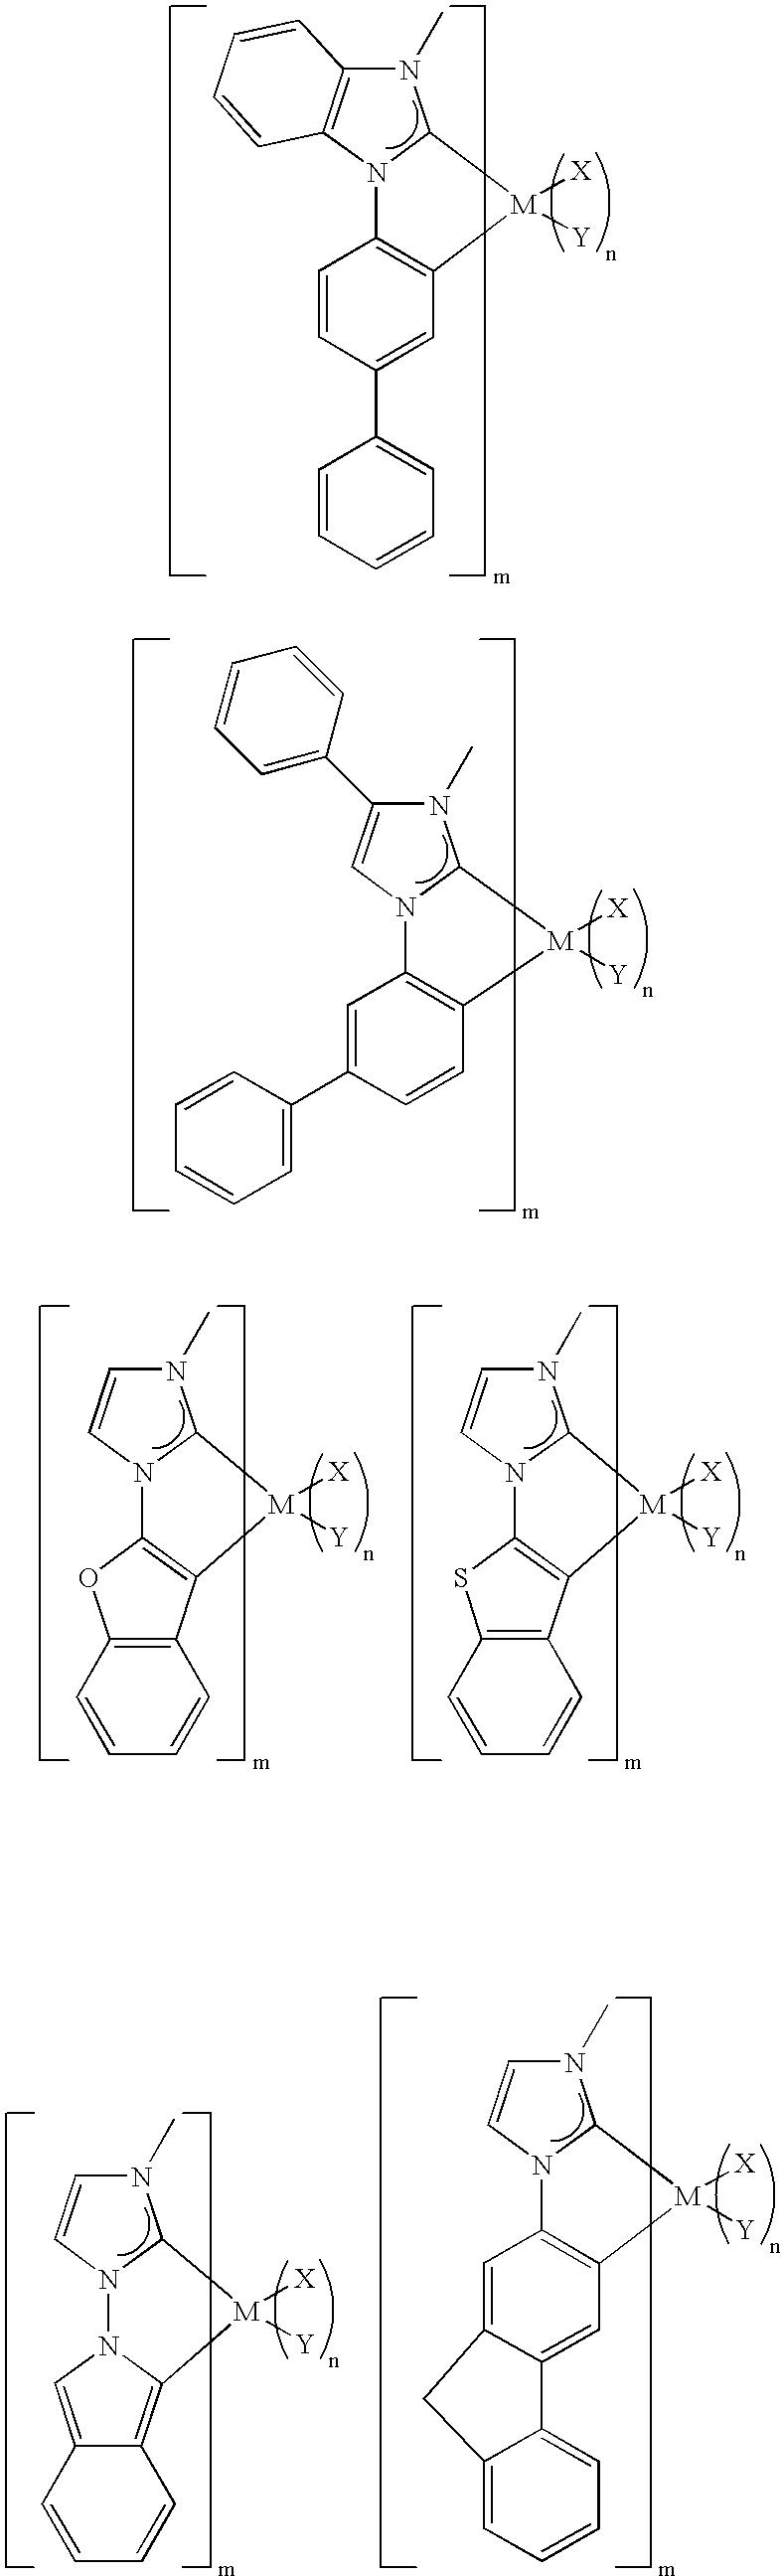 Figure US20090140640A1-20090604-C00032